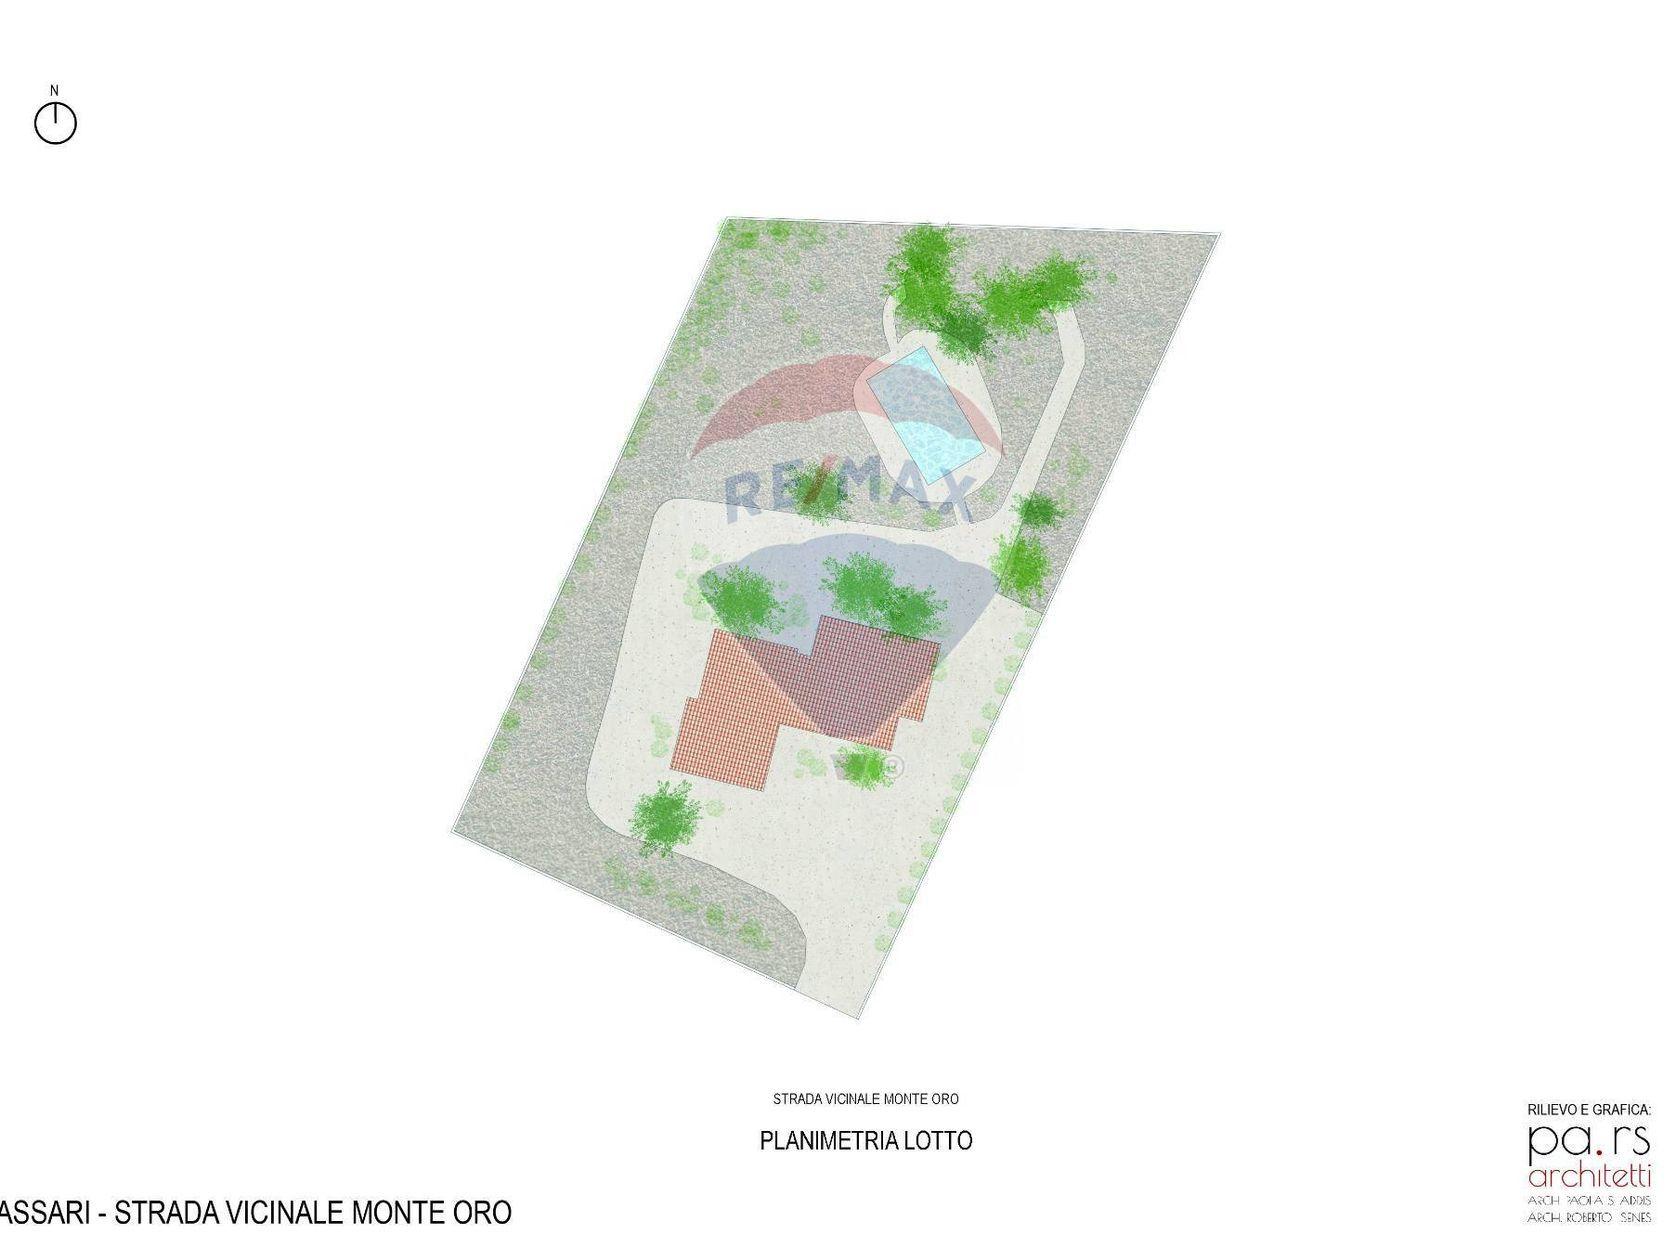 Villa singola Ss-li Punti, Sassari, SS Vendita - Planimetria 3